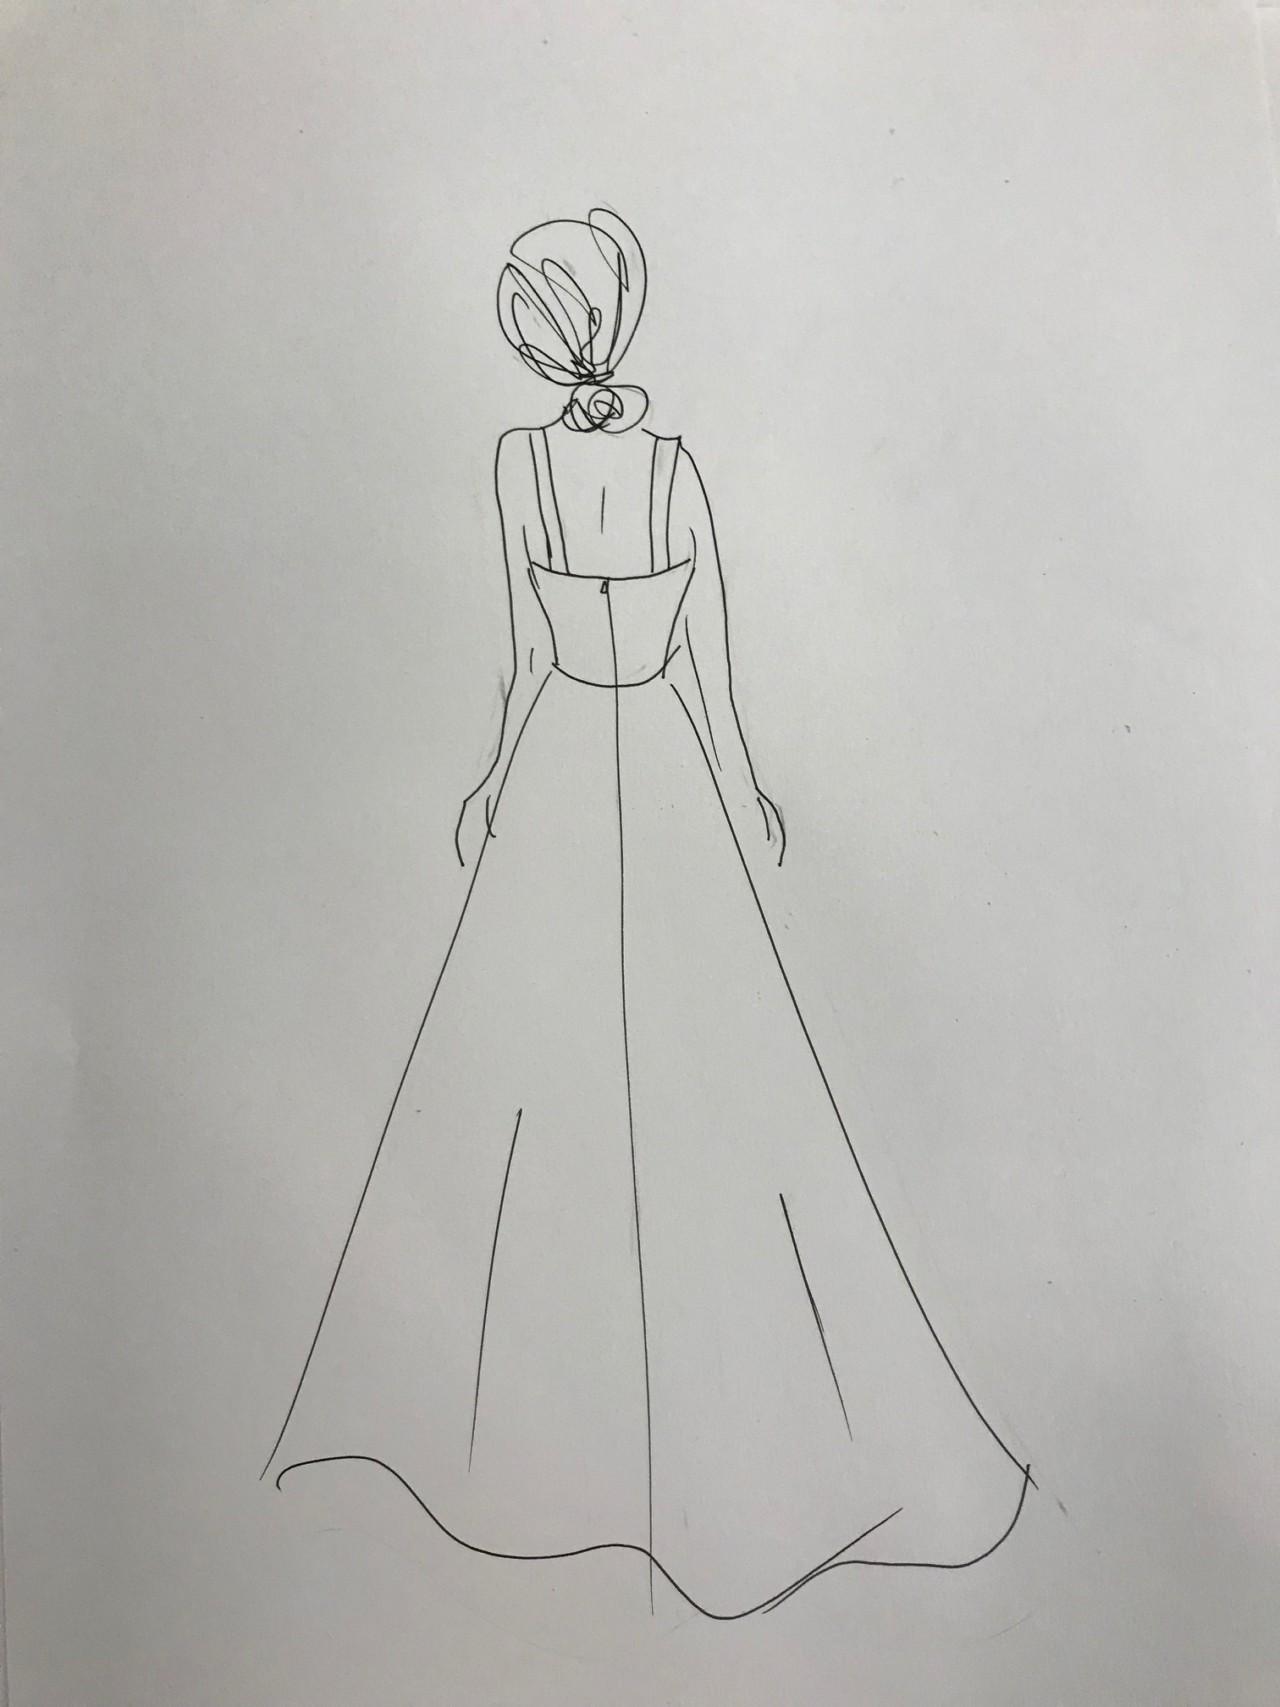 4ec3e92dbf7b Idas skisser efter vår första konsultation om hur jag ville ha min  drömklänning! Jag visste direkt att jag ville ha en väldigt enkel och clean  modell.